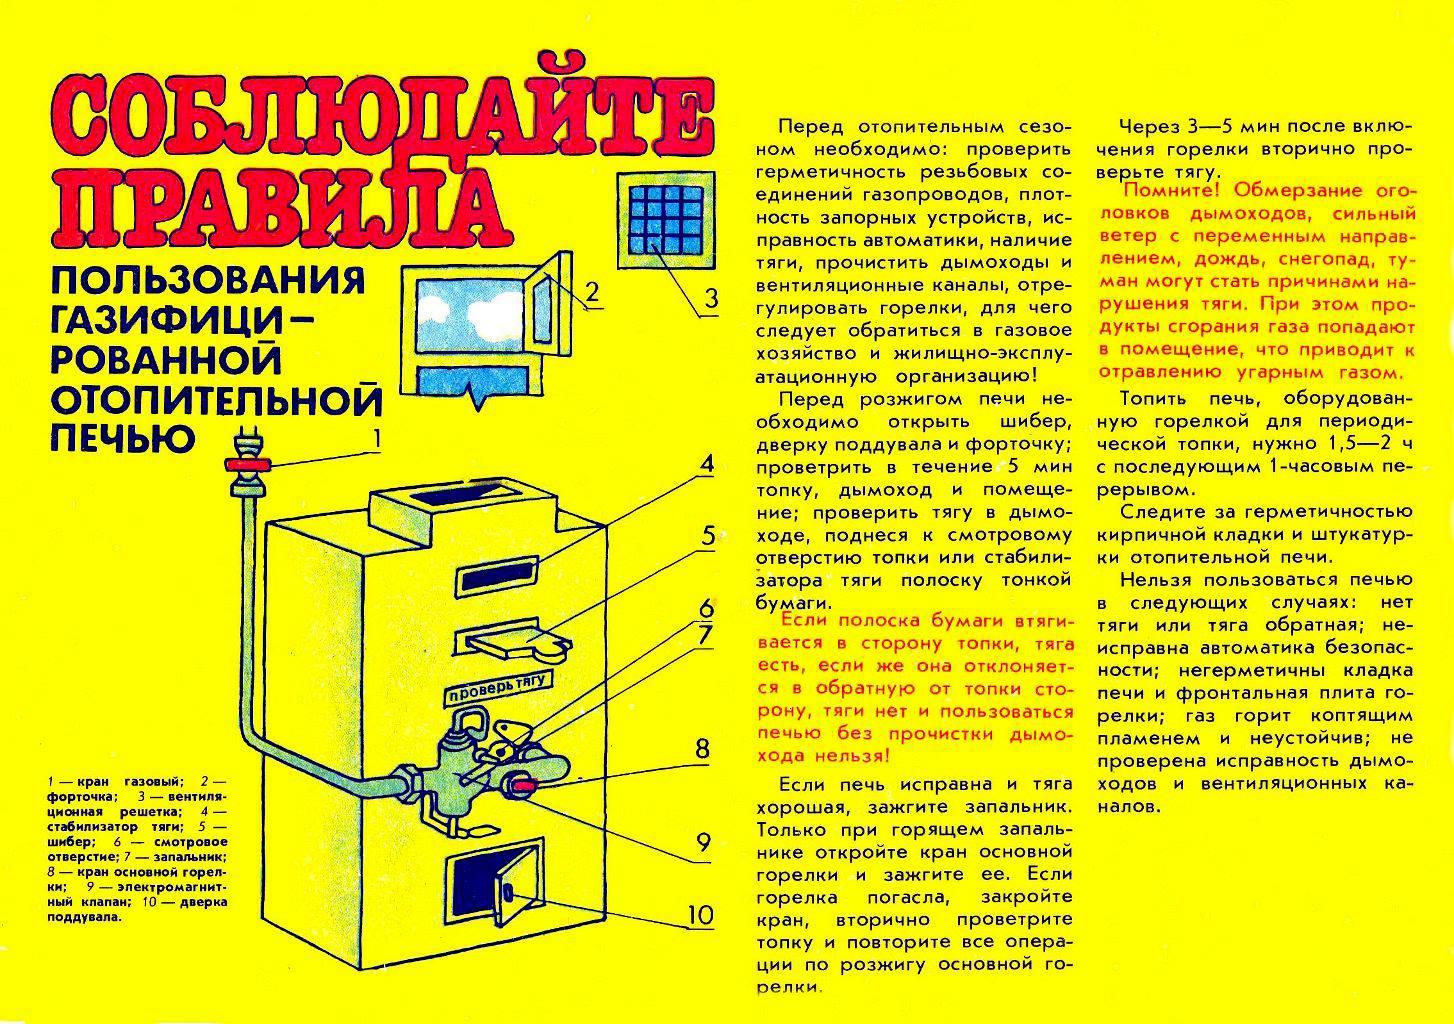 Как включить газовый котел: пошаговый инструктаж + правила безопасной эксплуатации